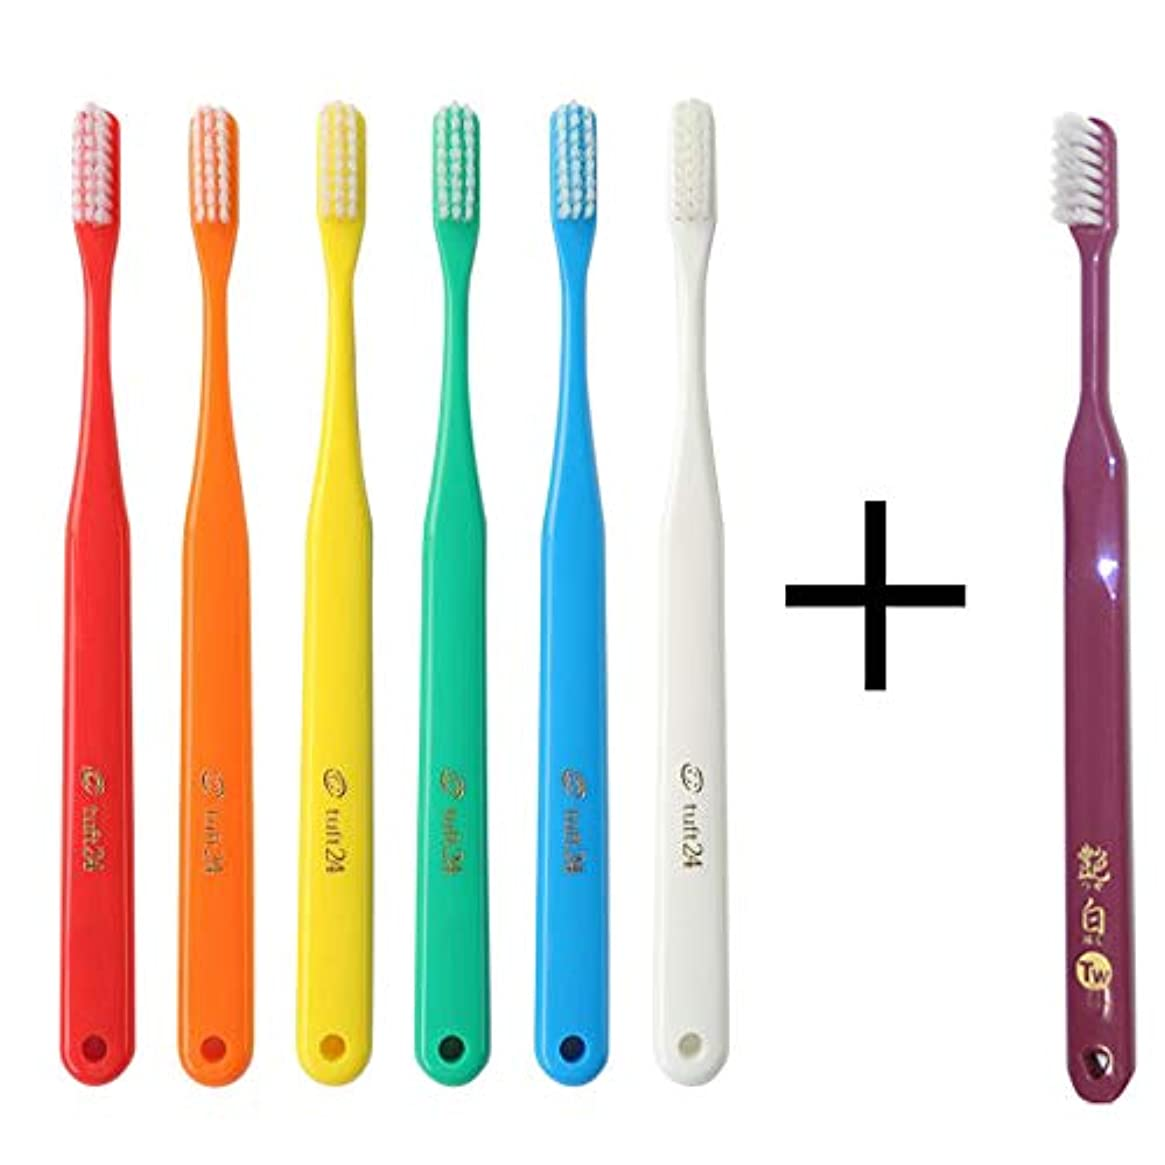 失業注釈エイズキャップなし タフト24 歯ブラシ × 25本入 S (アソート) + 艶白 歯ブラシ (日本製) ×1本 MS(やややわらかめ) 大人用歯ブラシ 歯科医院取扱品